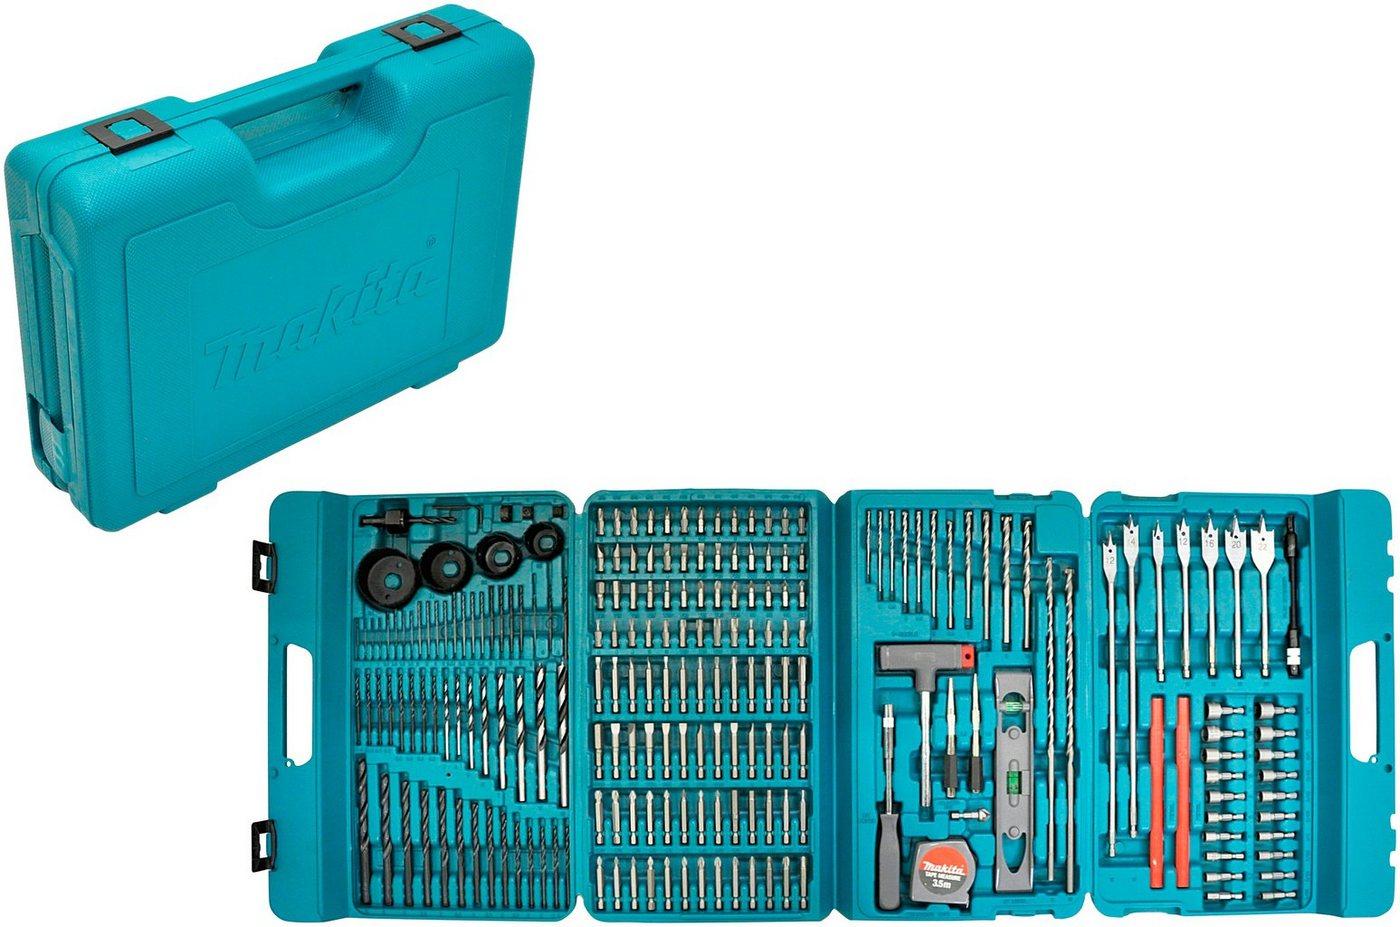 MAKITA Bohrer- und Bit-Set »P-44046«, 216-tlg.   Baumarkt > Werkzeug > Werkzeug-Sets   Blau   Makita